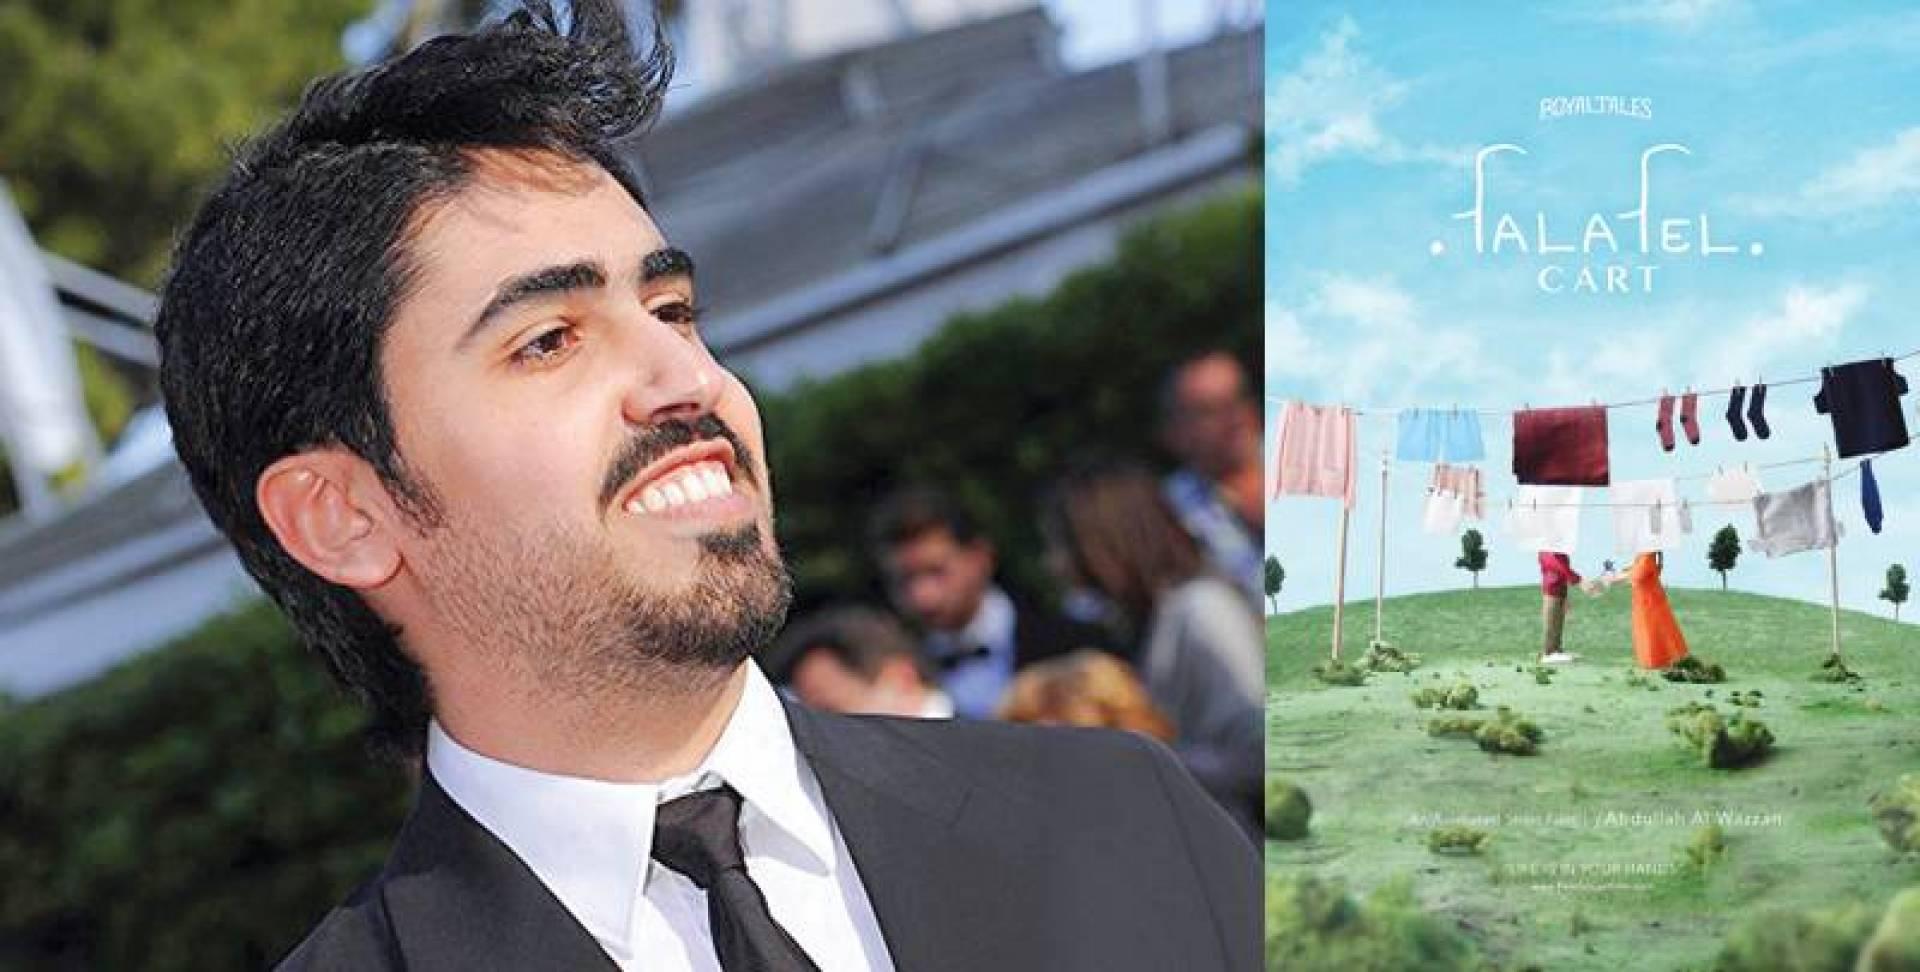 ملصق الفيلم - المخرج عبدالله الوزان